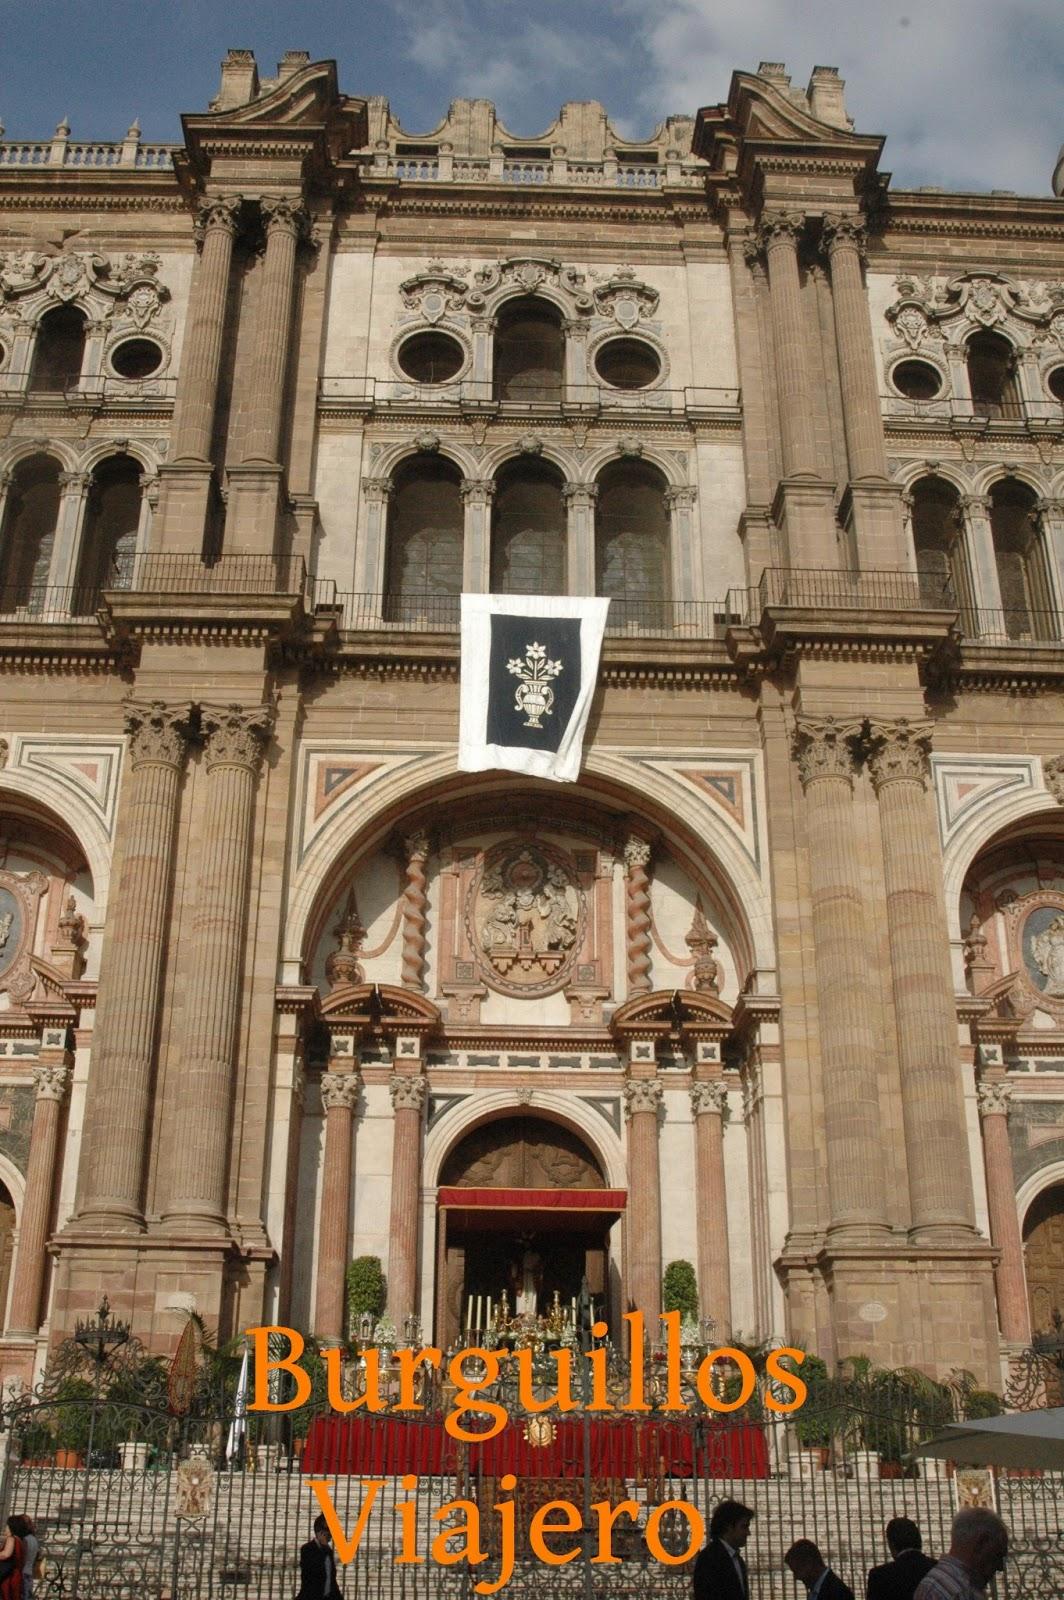 Burguillos viajero ii 548 m laga i capital 24 de - Fotos malaga capital ...